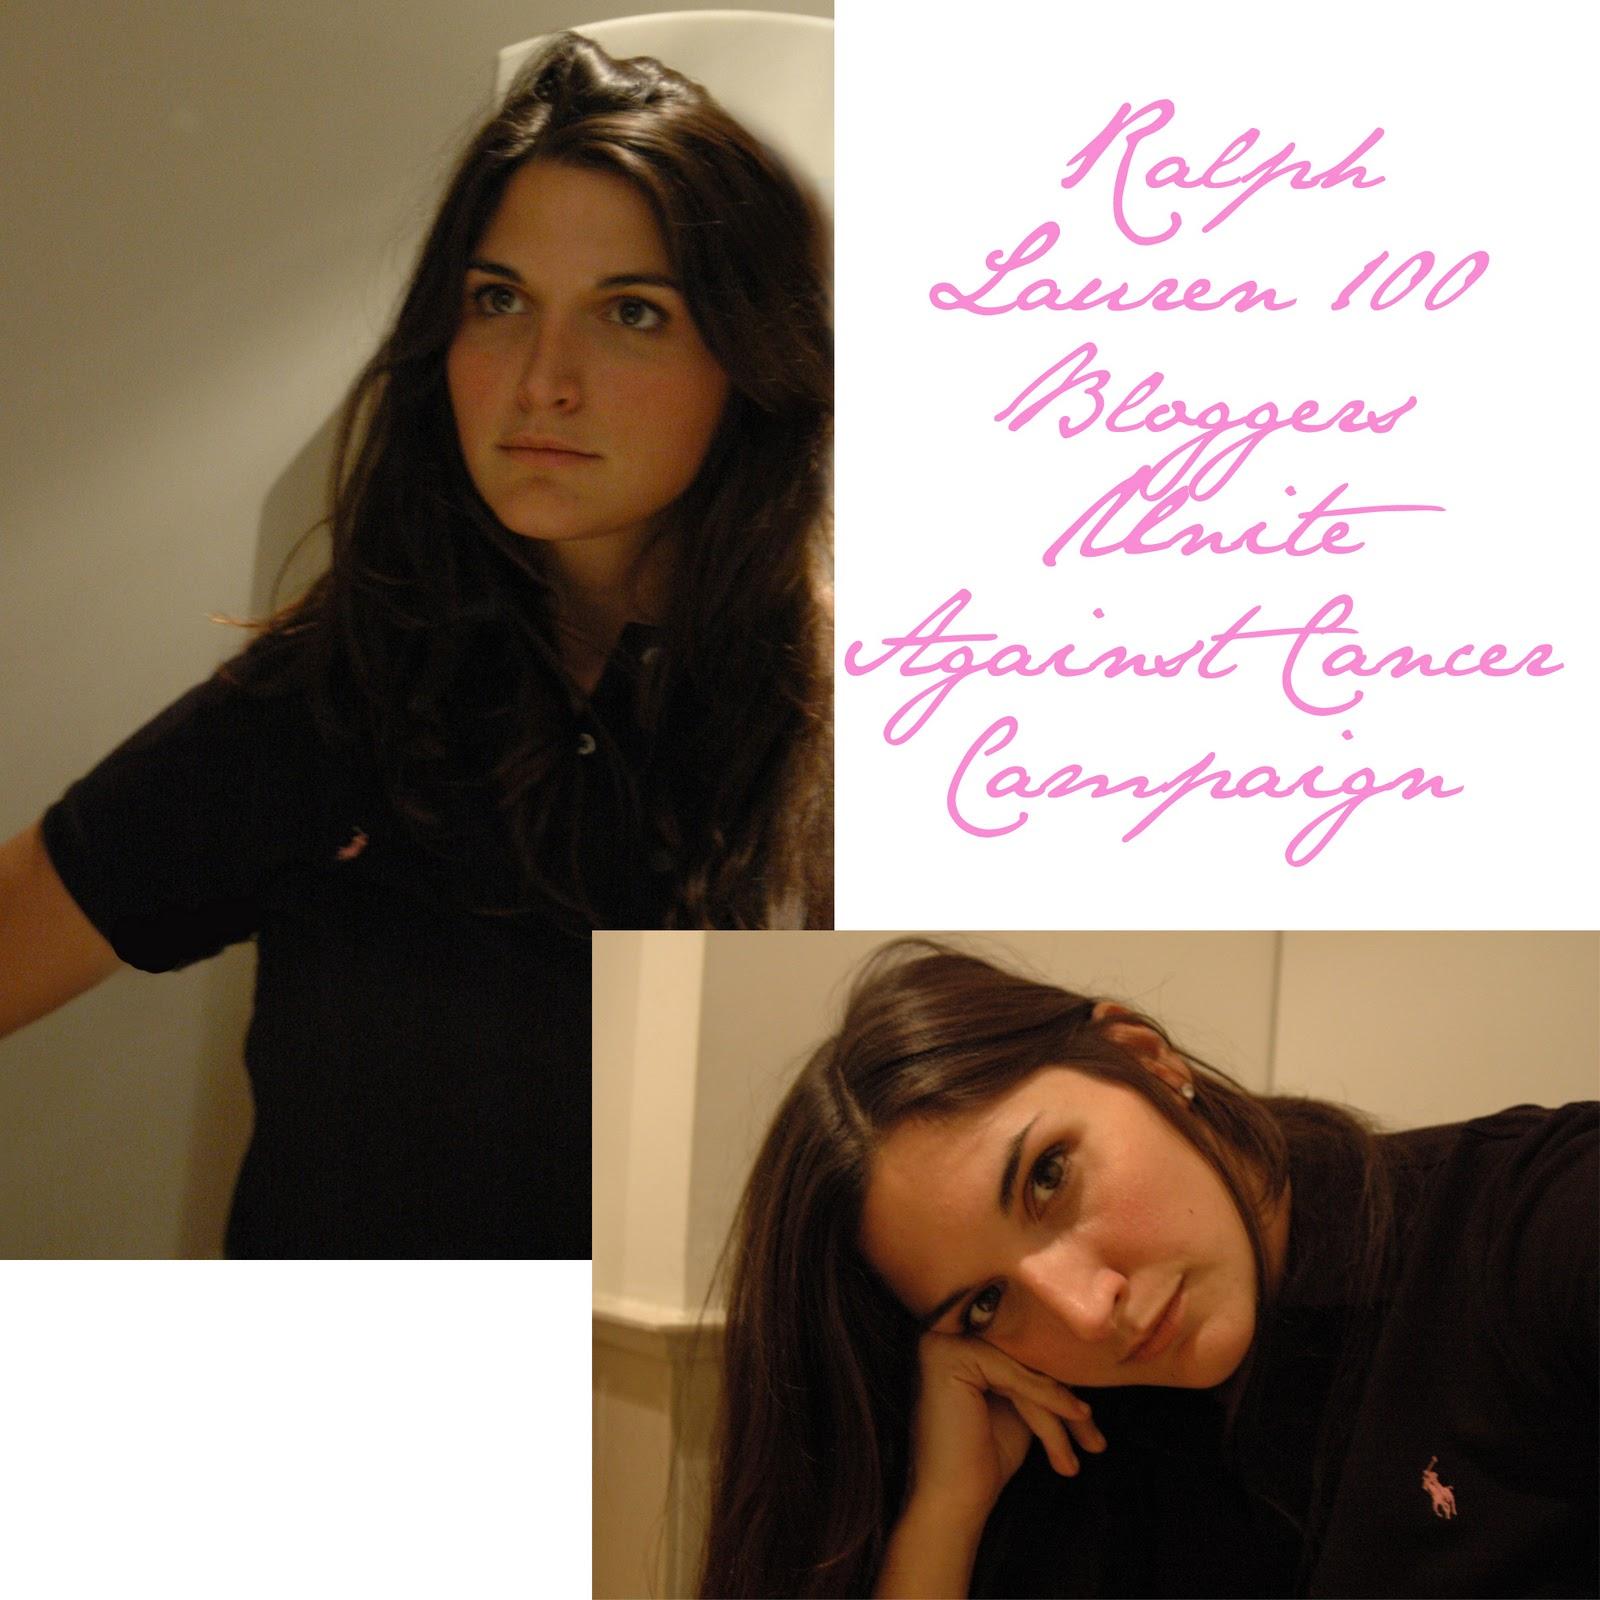 http://1.bp.blogspot.com/_NuQ1asHchXU/TKRszcVg-tI/AAAAAAAAM9c/iXLBwmWD2LE/s1600/Pink+Pony+Campaign.JPG